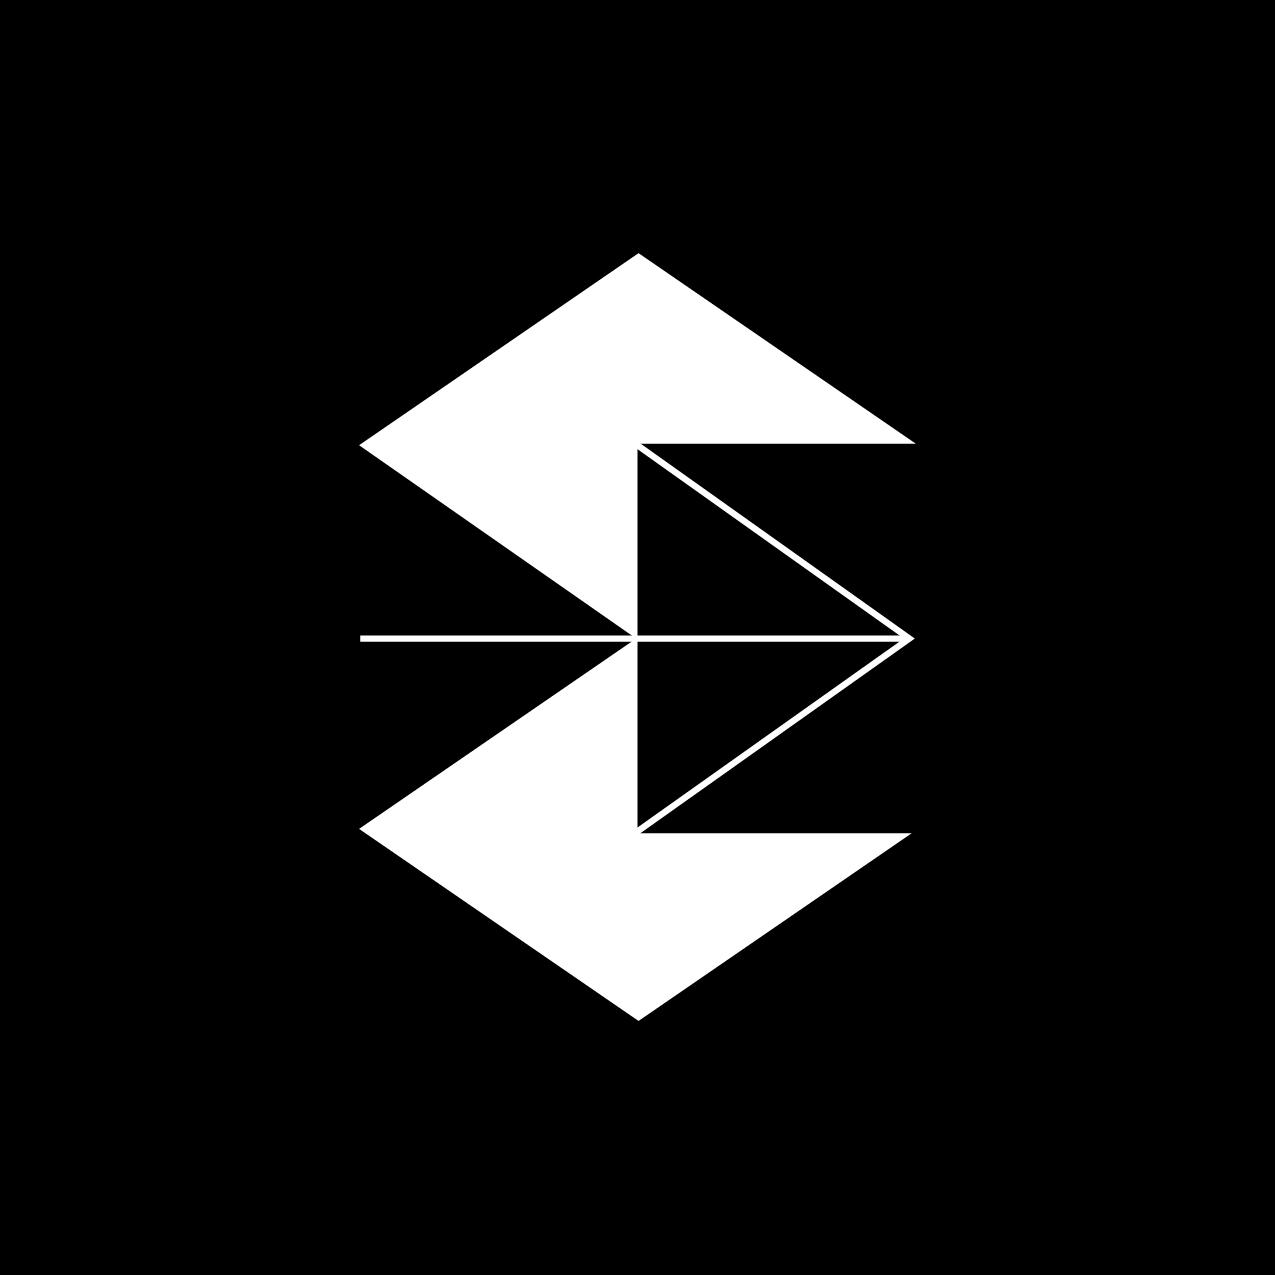 Letter E1 design by Furia